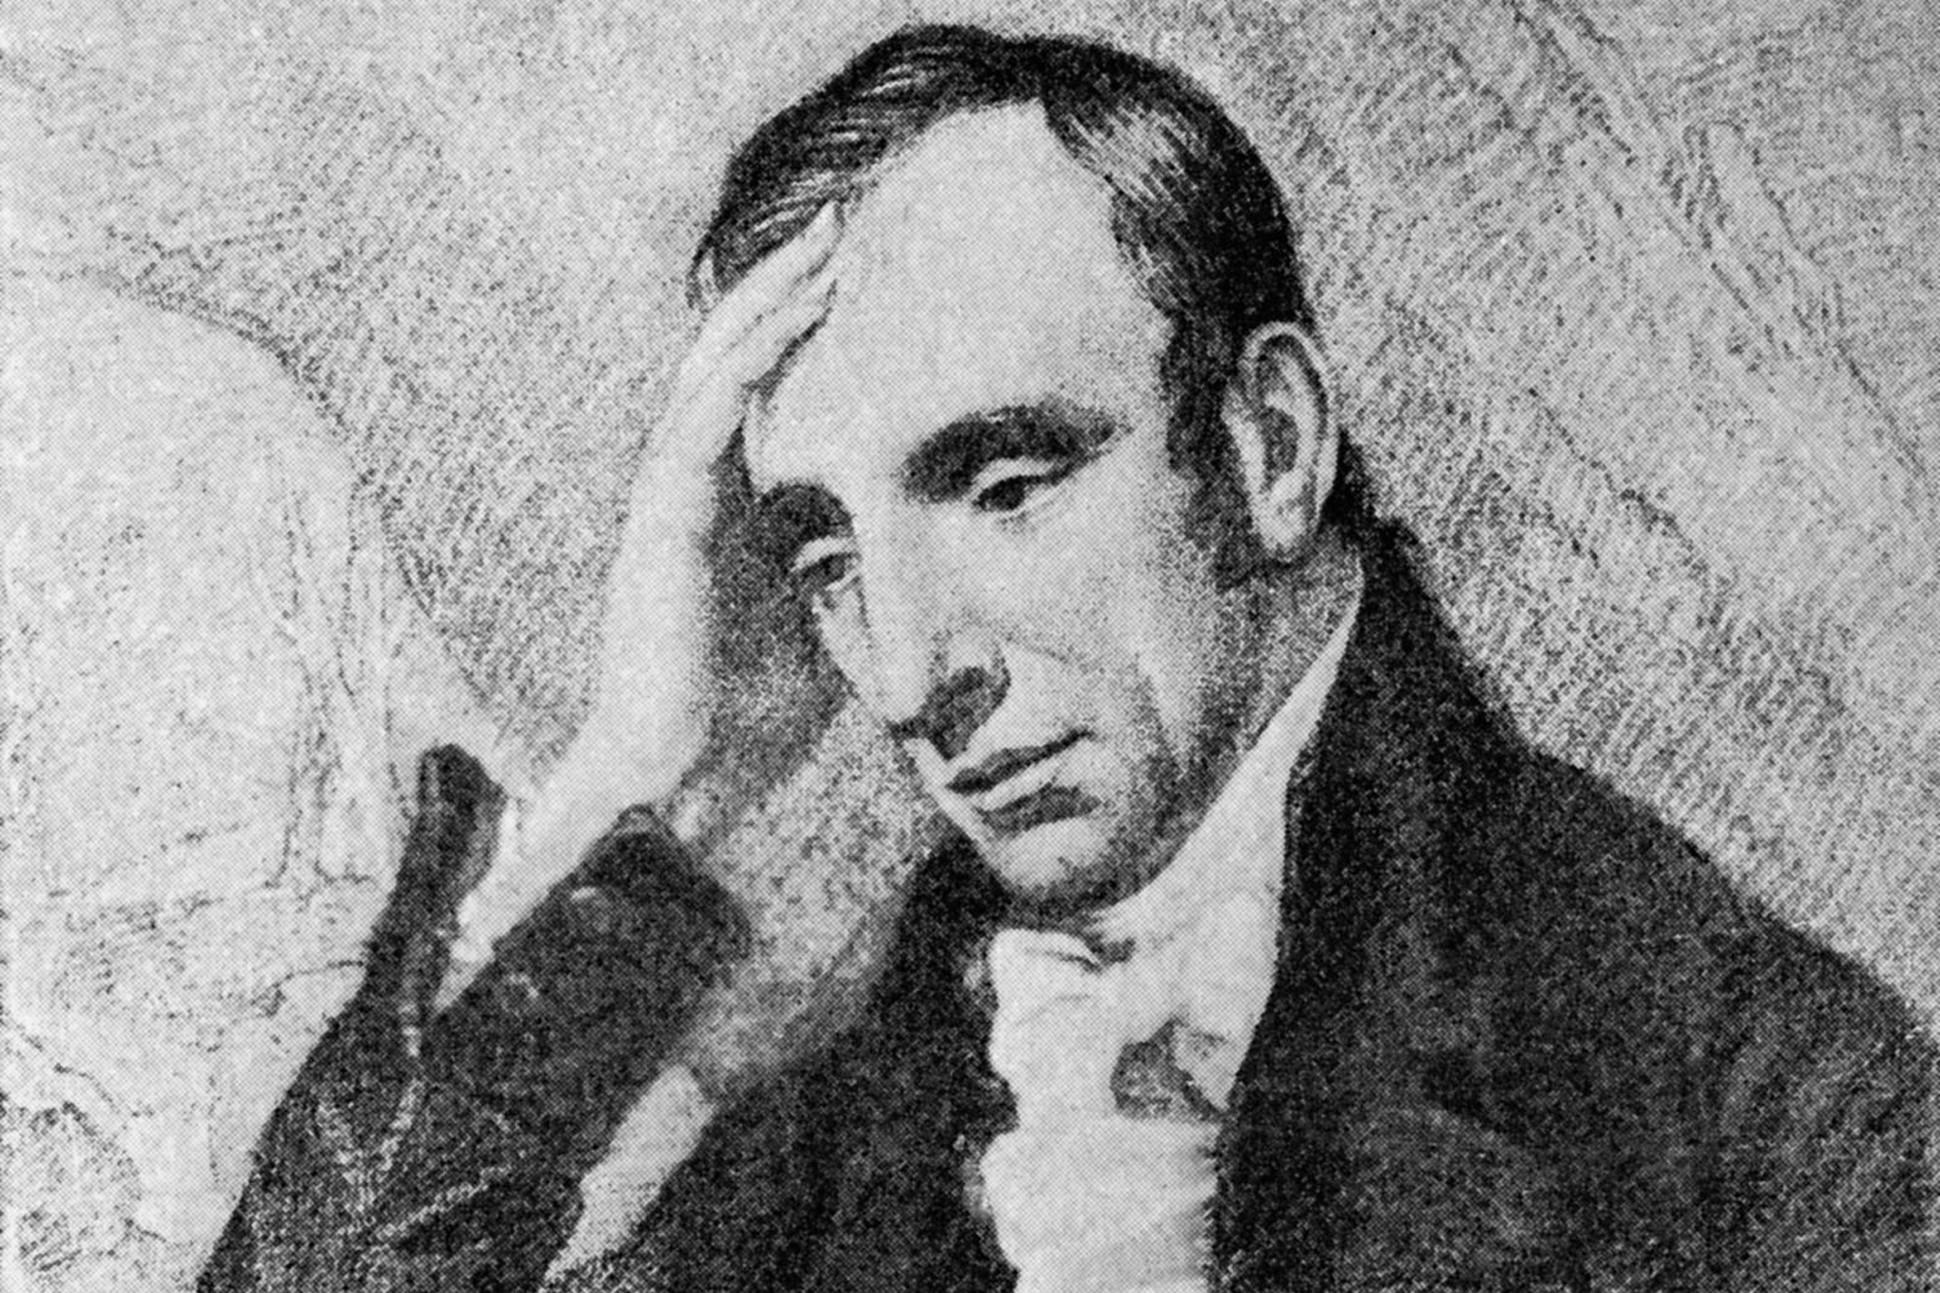 William Wordsworth photo #1722, William Wordsworth image